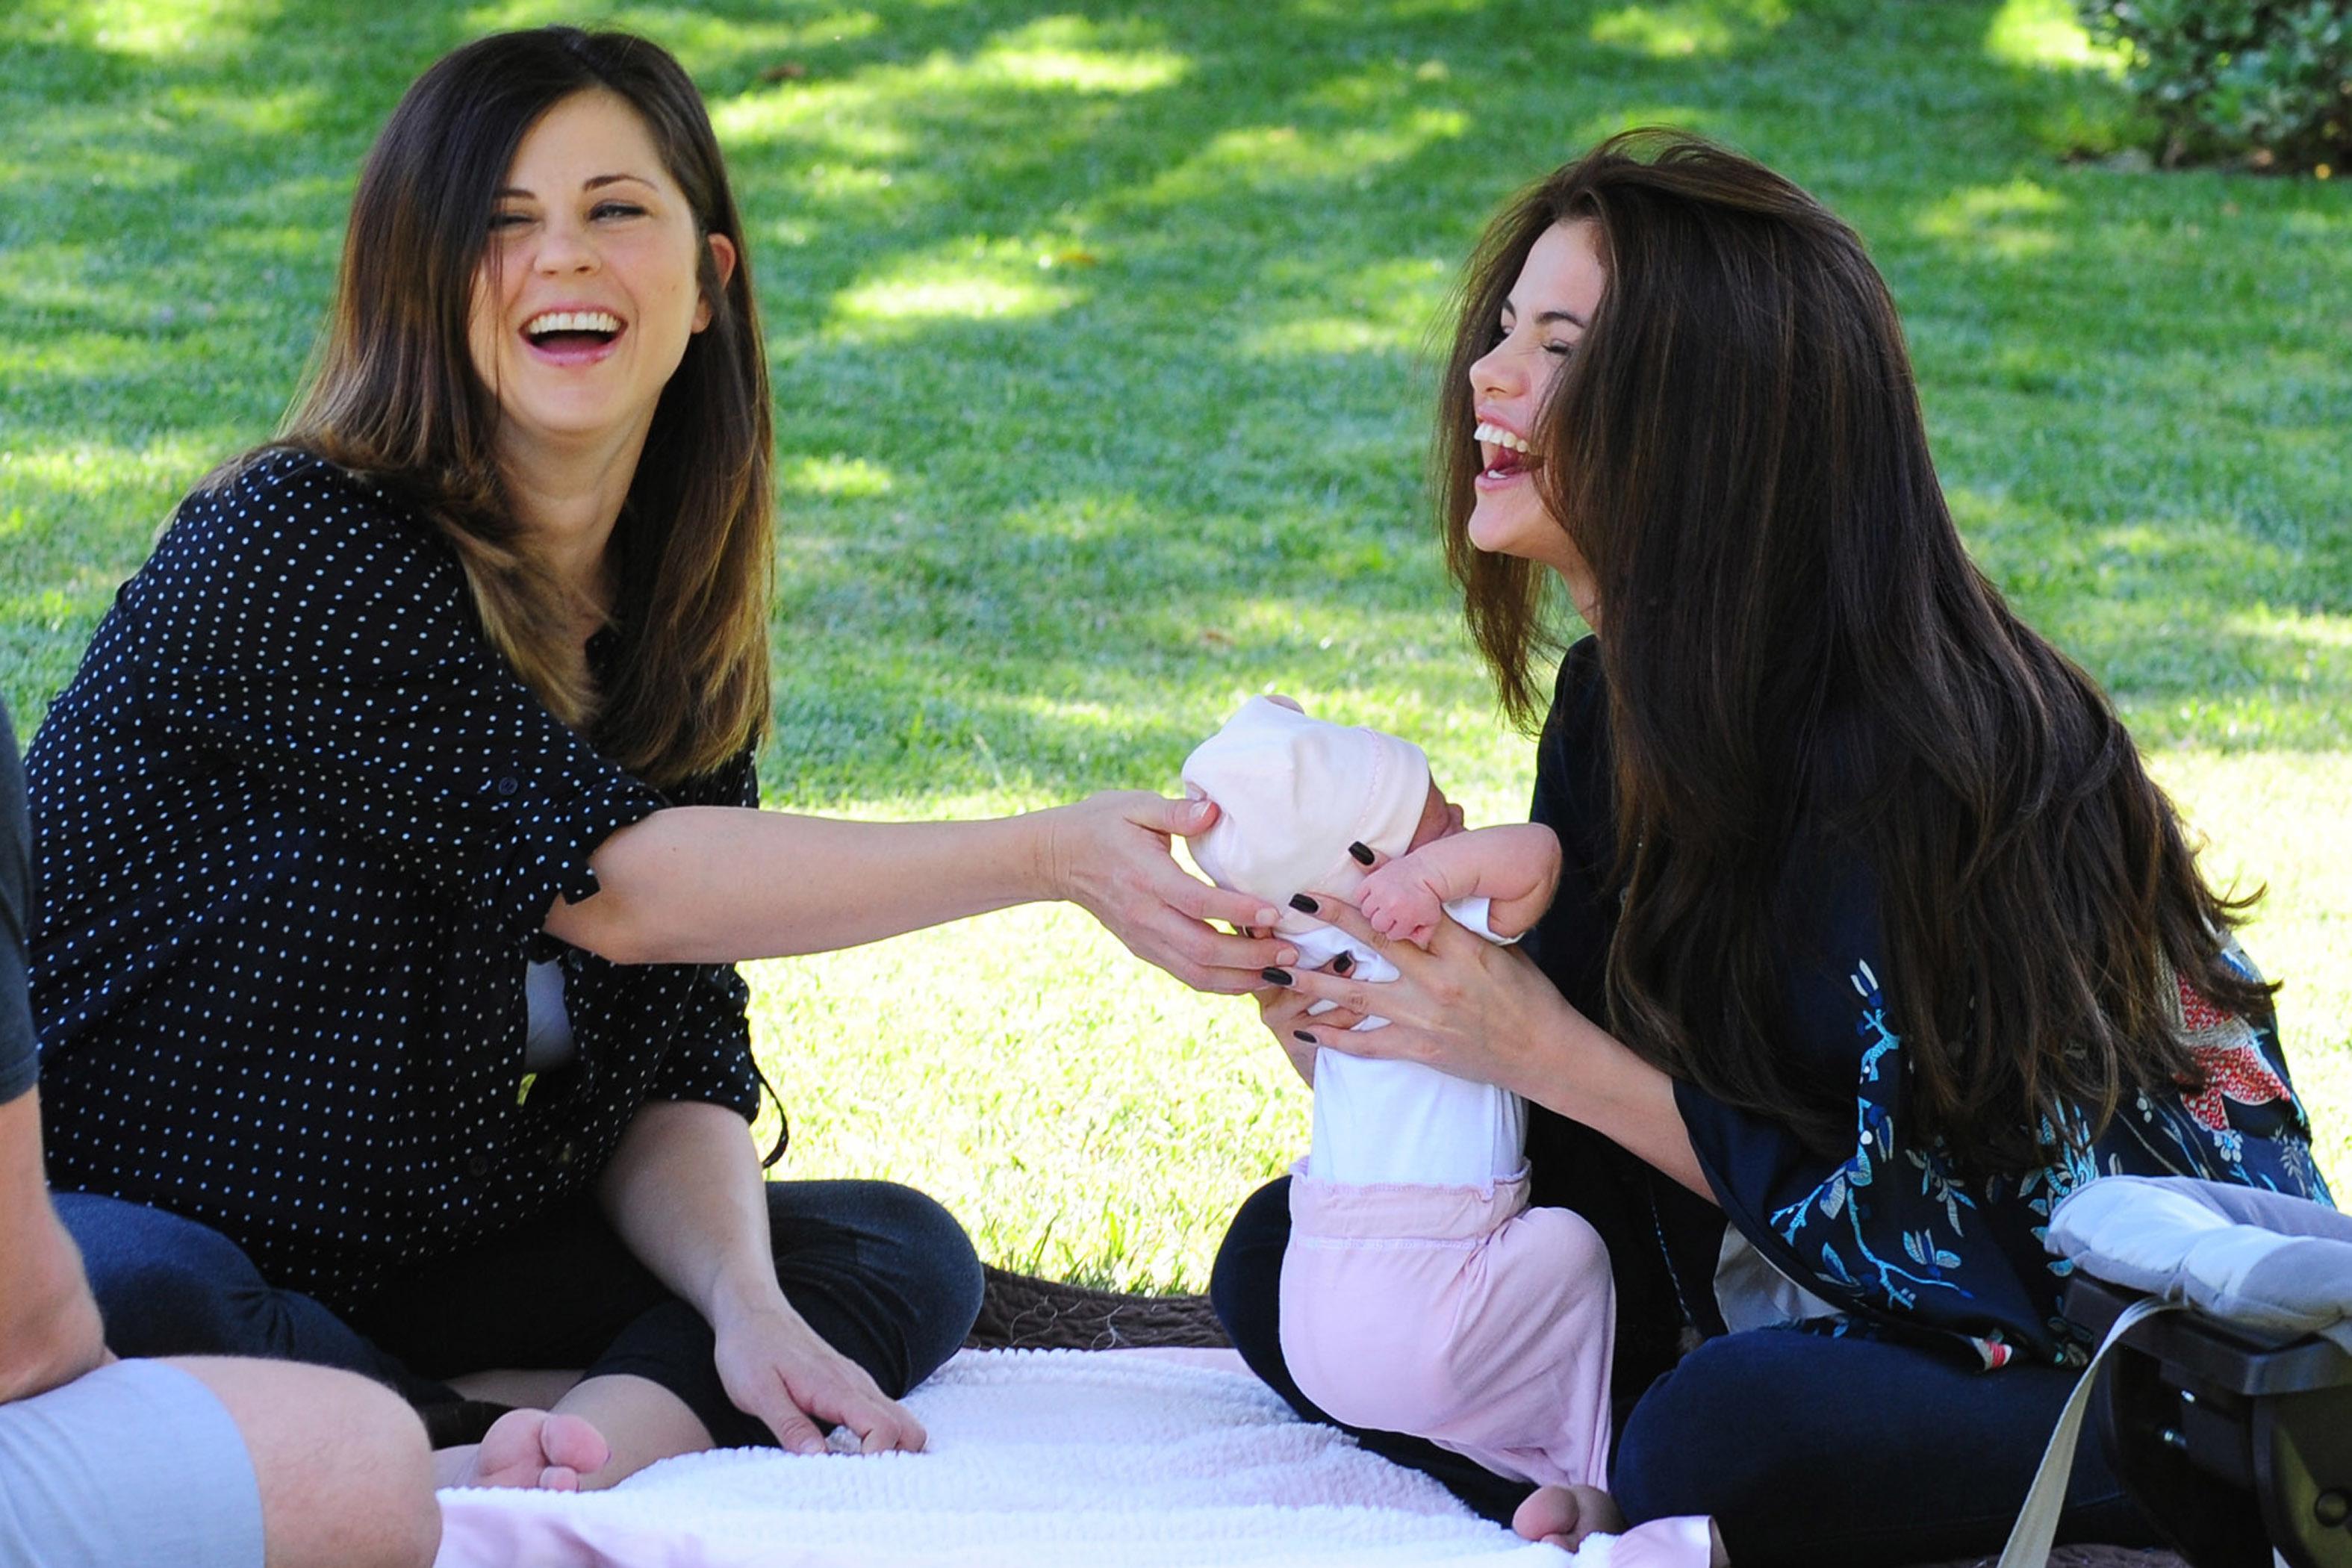 Selena Gomez sister